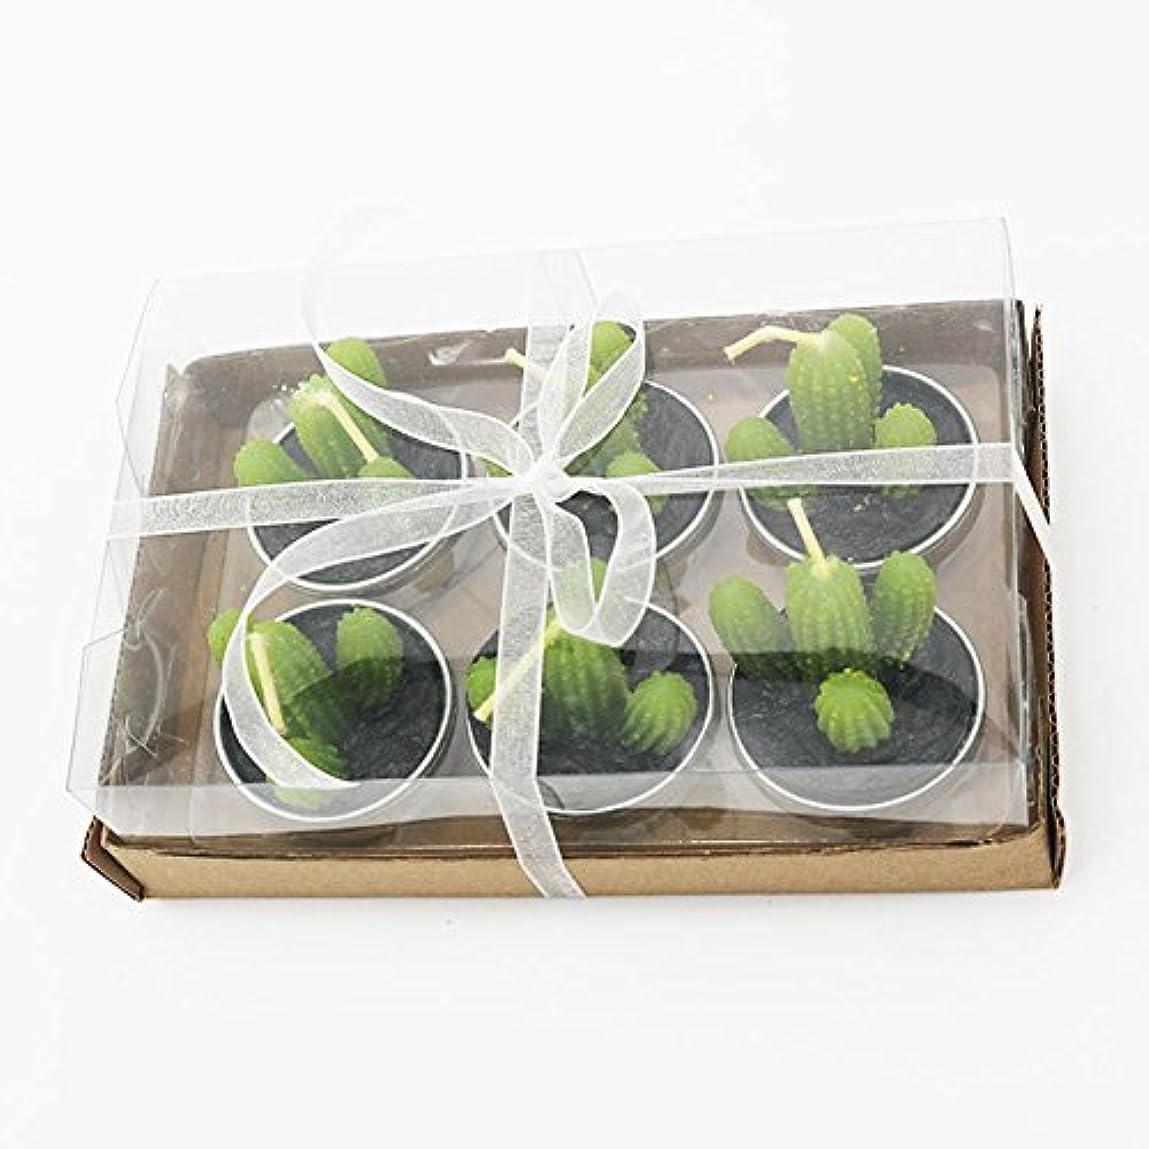 充実農業のソフィーLiebeye キャンドル 多肉植物スモークフリーのクリエイティブなキャンドル100%自然のワックスかわいい模造植物フルーツの形状低温キャンドル 6個/箱 カクタス?ボックス